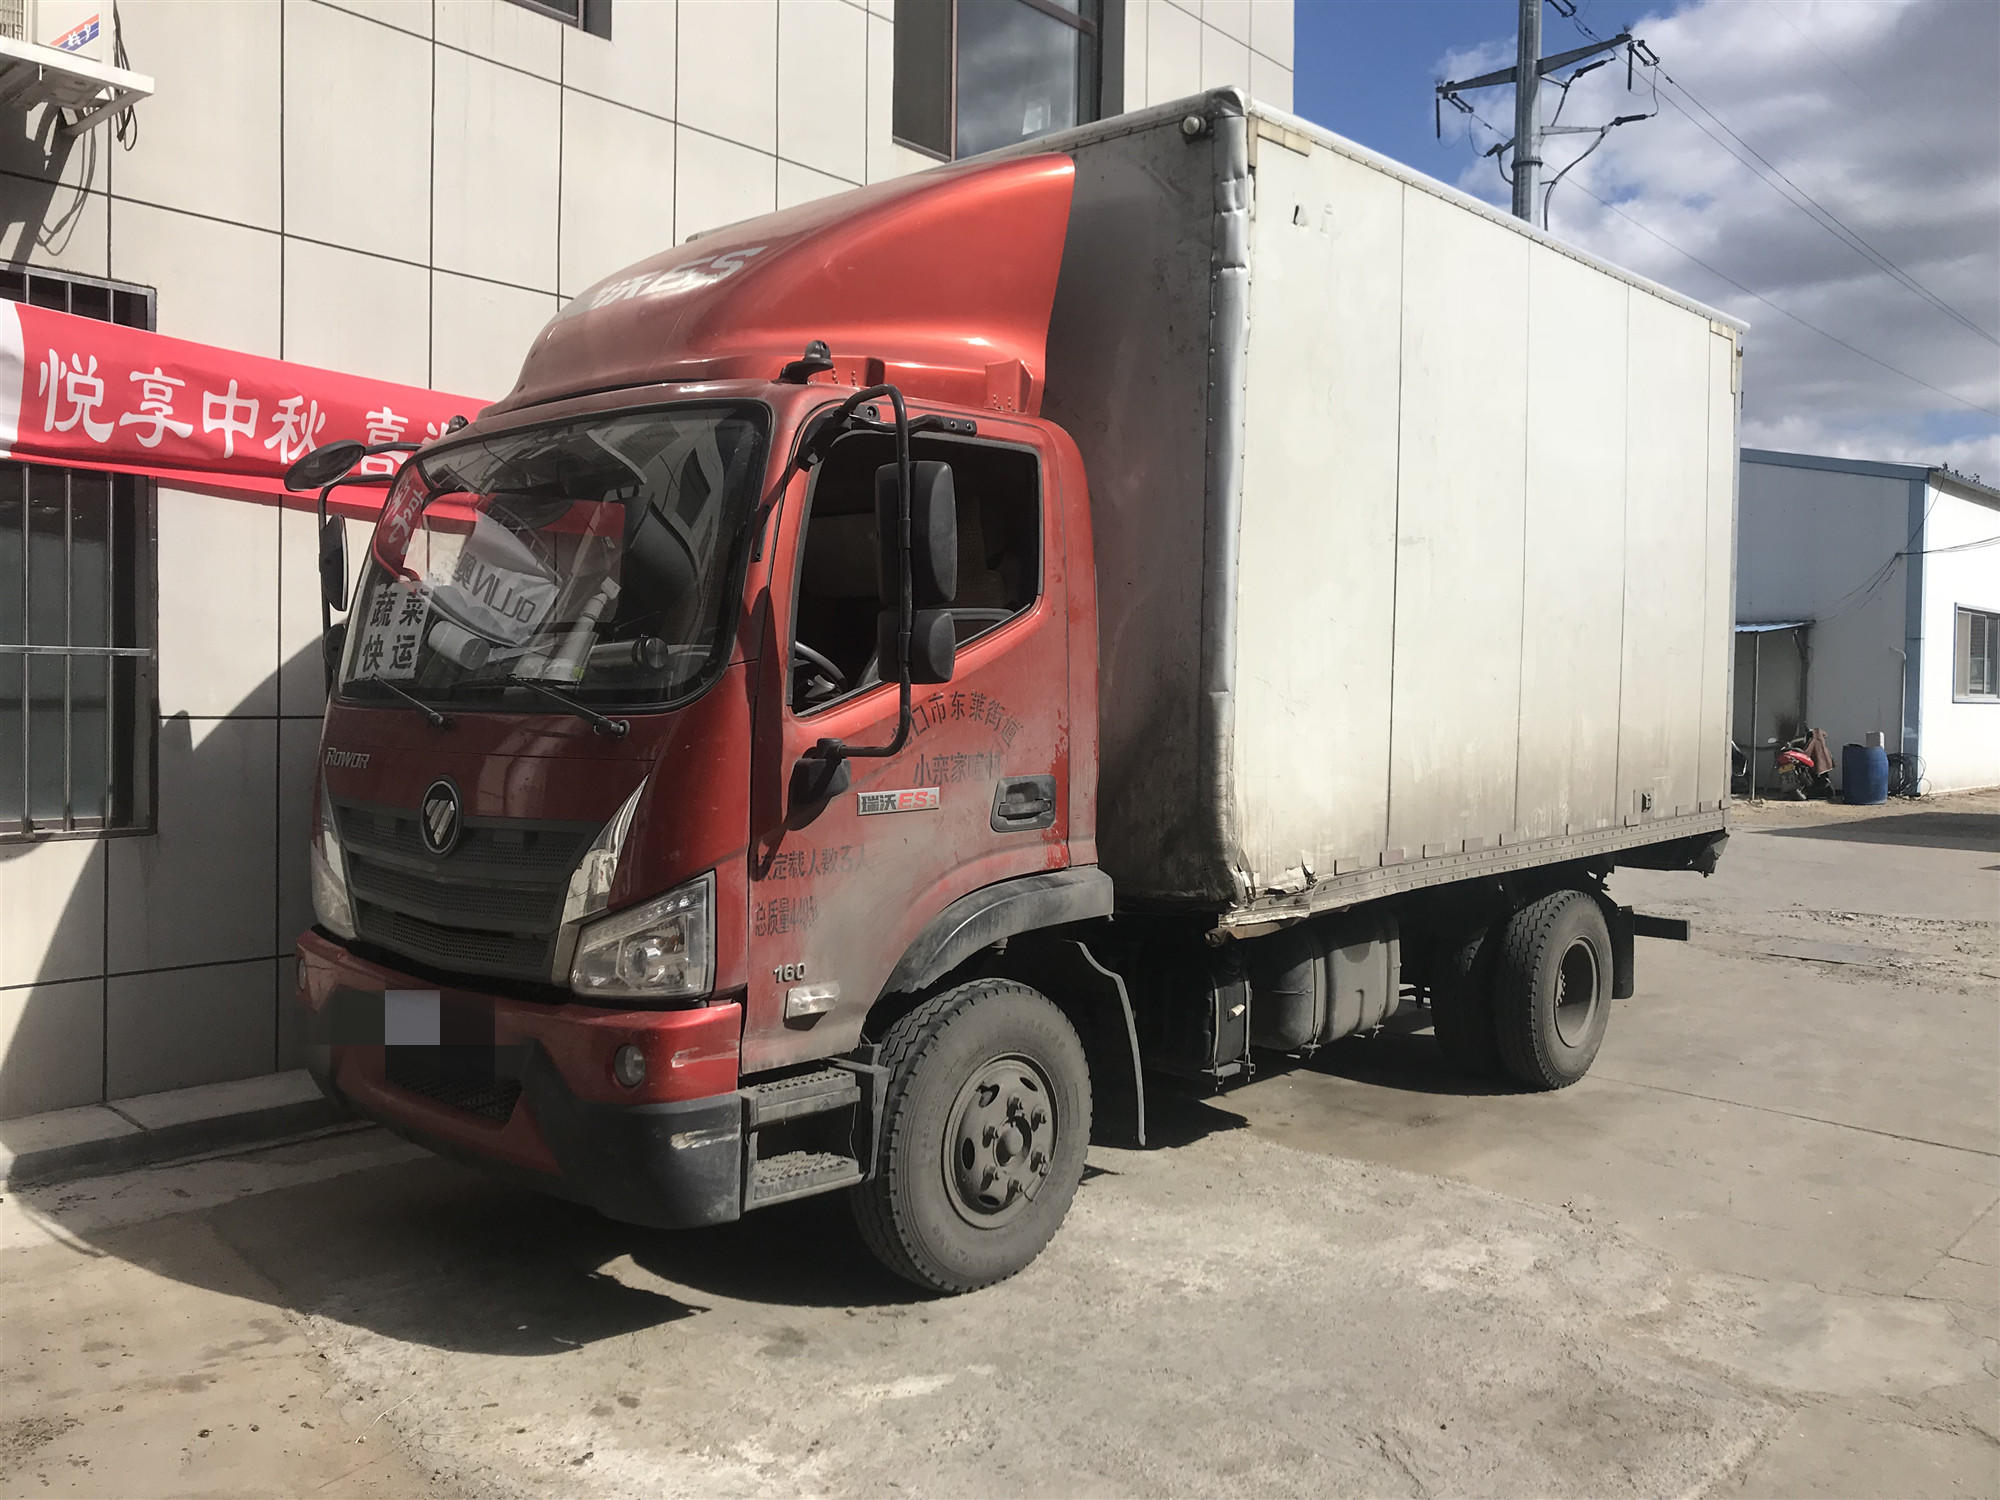 北汽福田其他车系 载货车  160匹 2018年12月 4x2